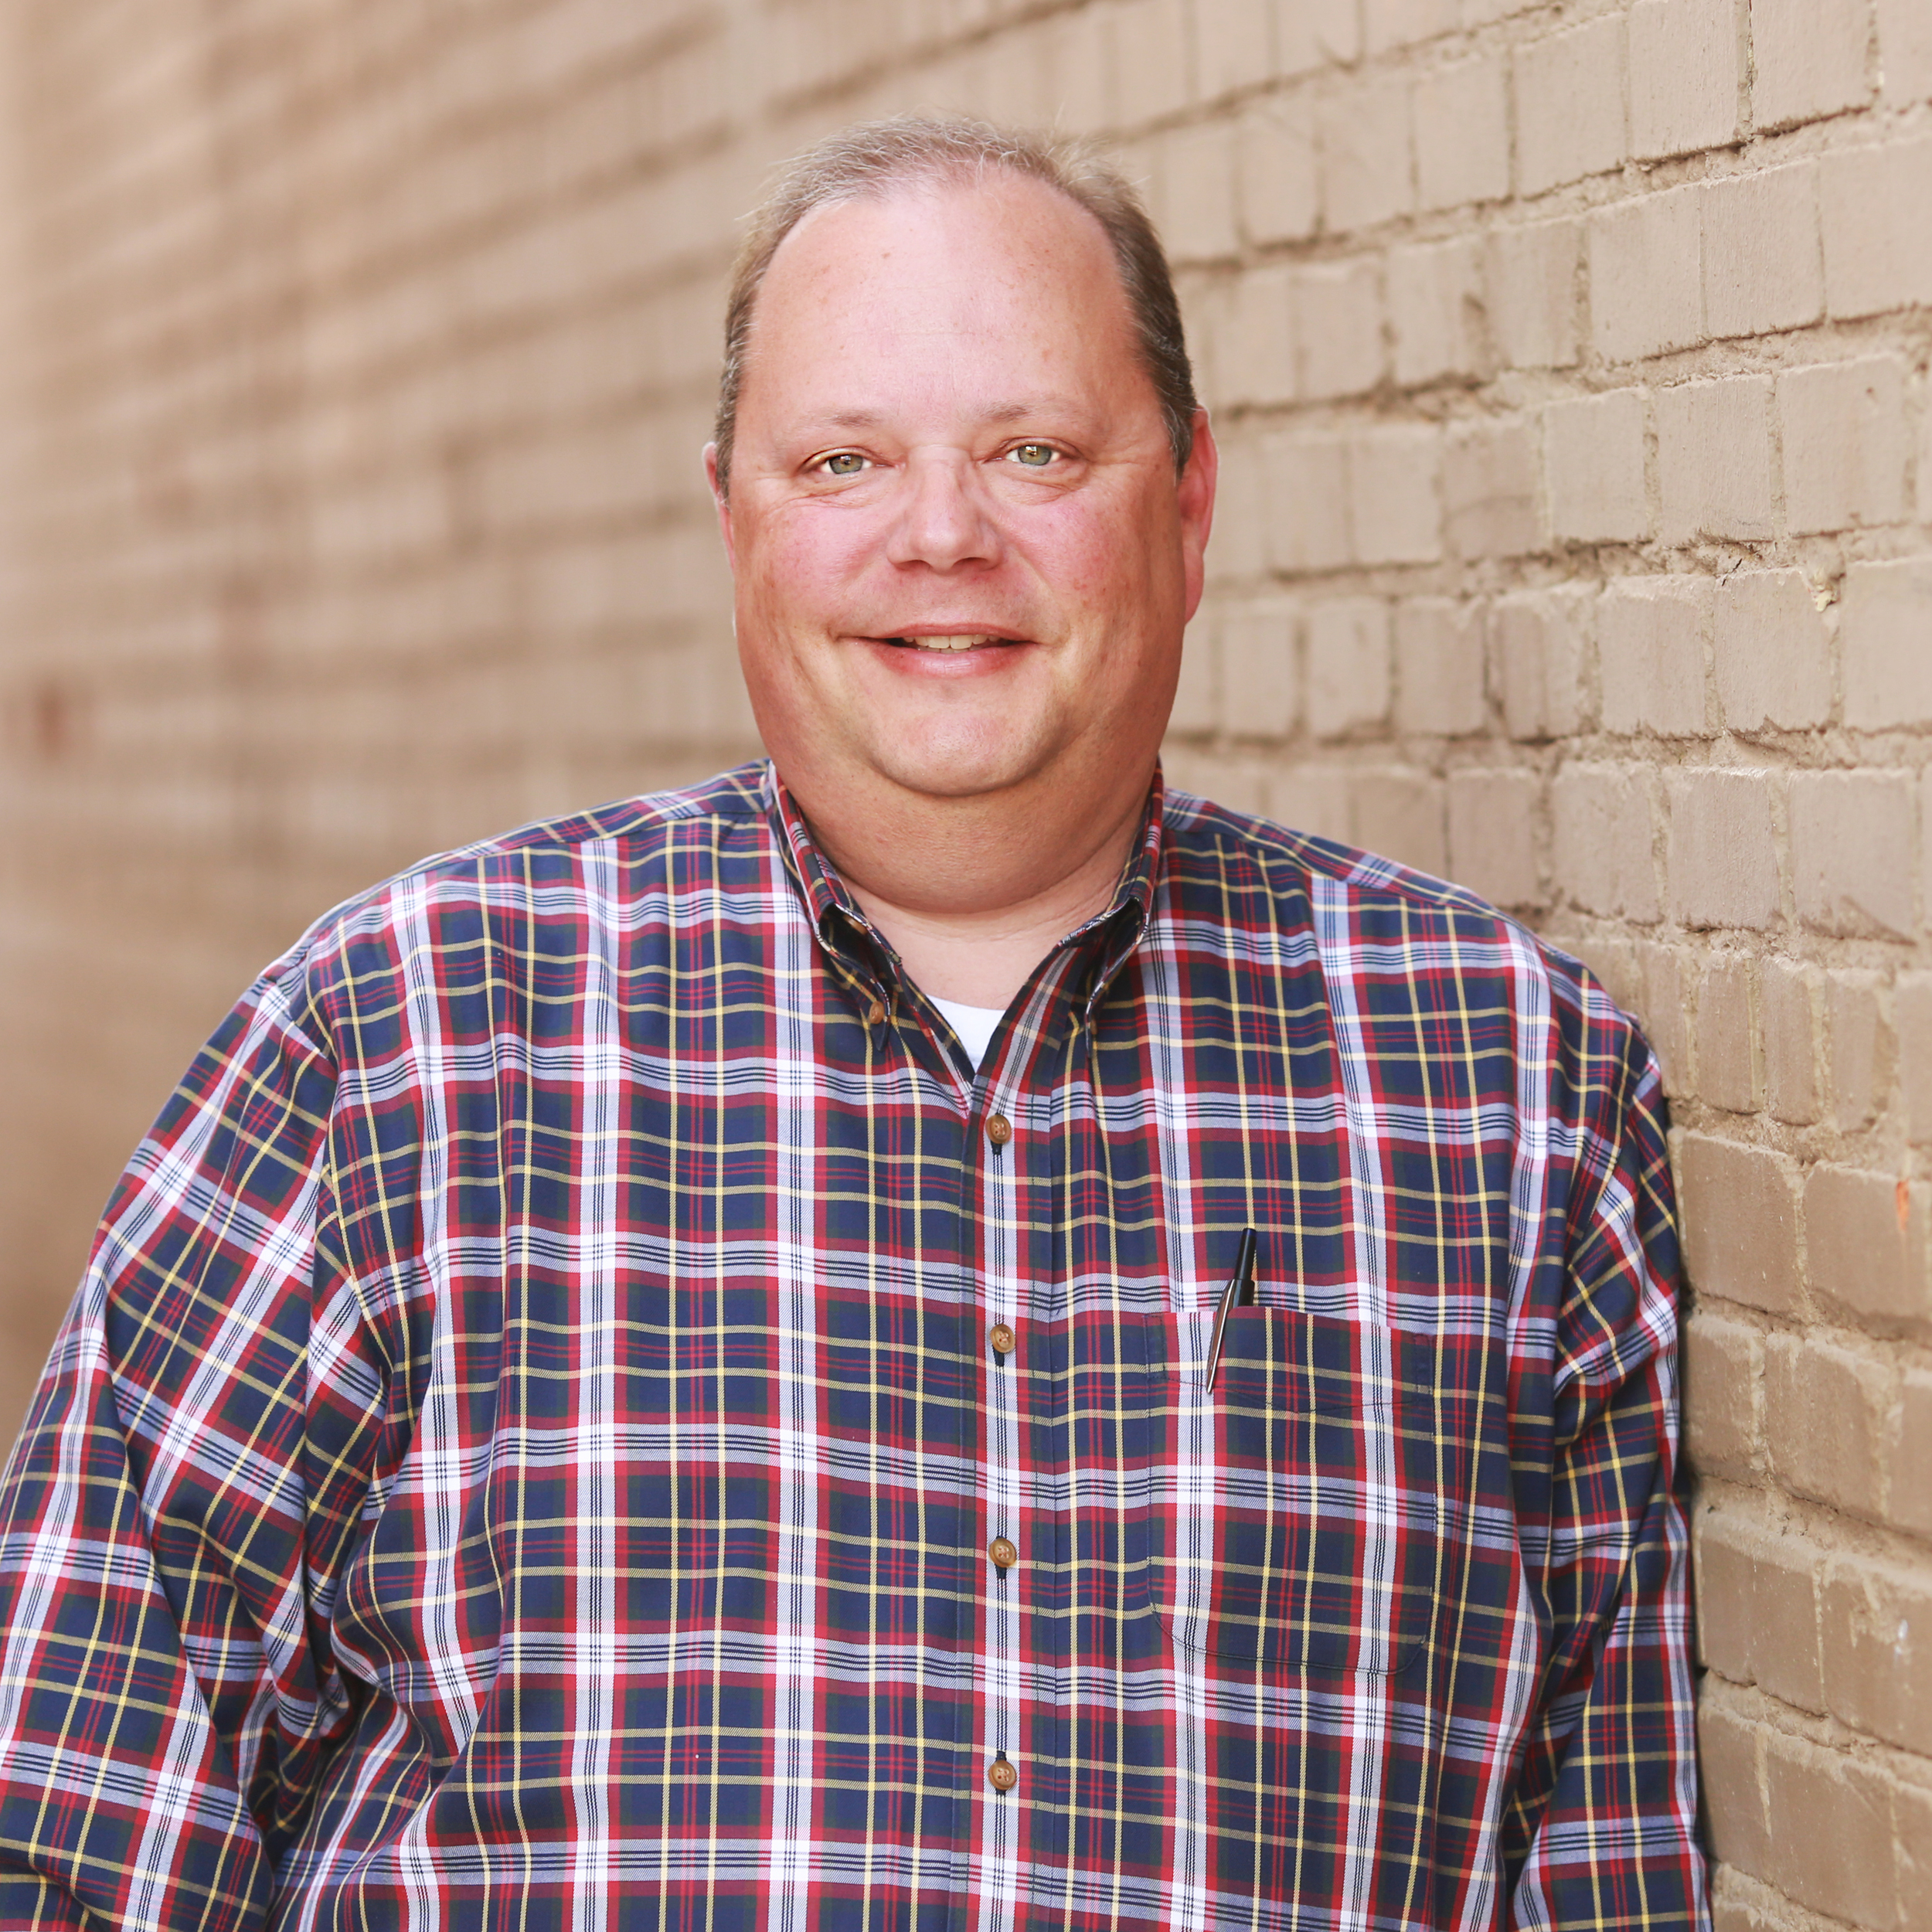 David Scoggins